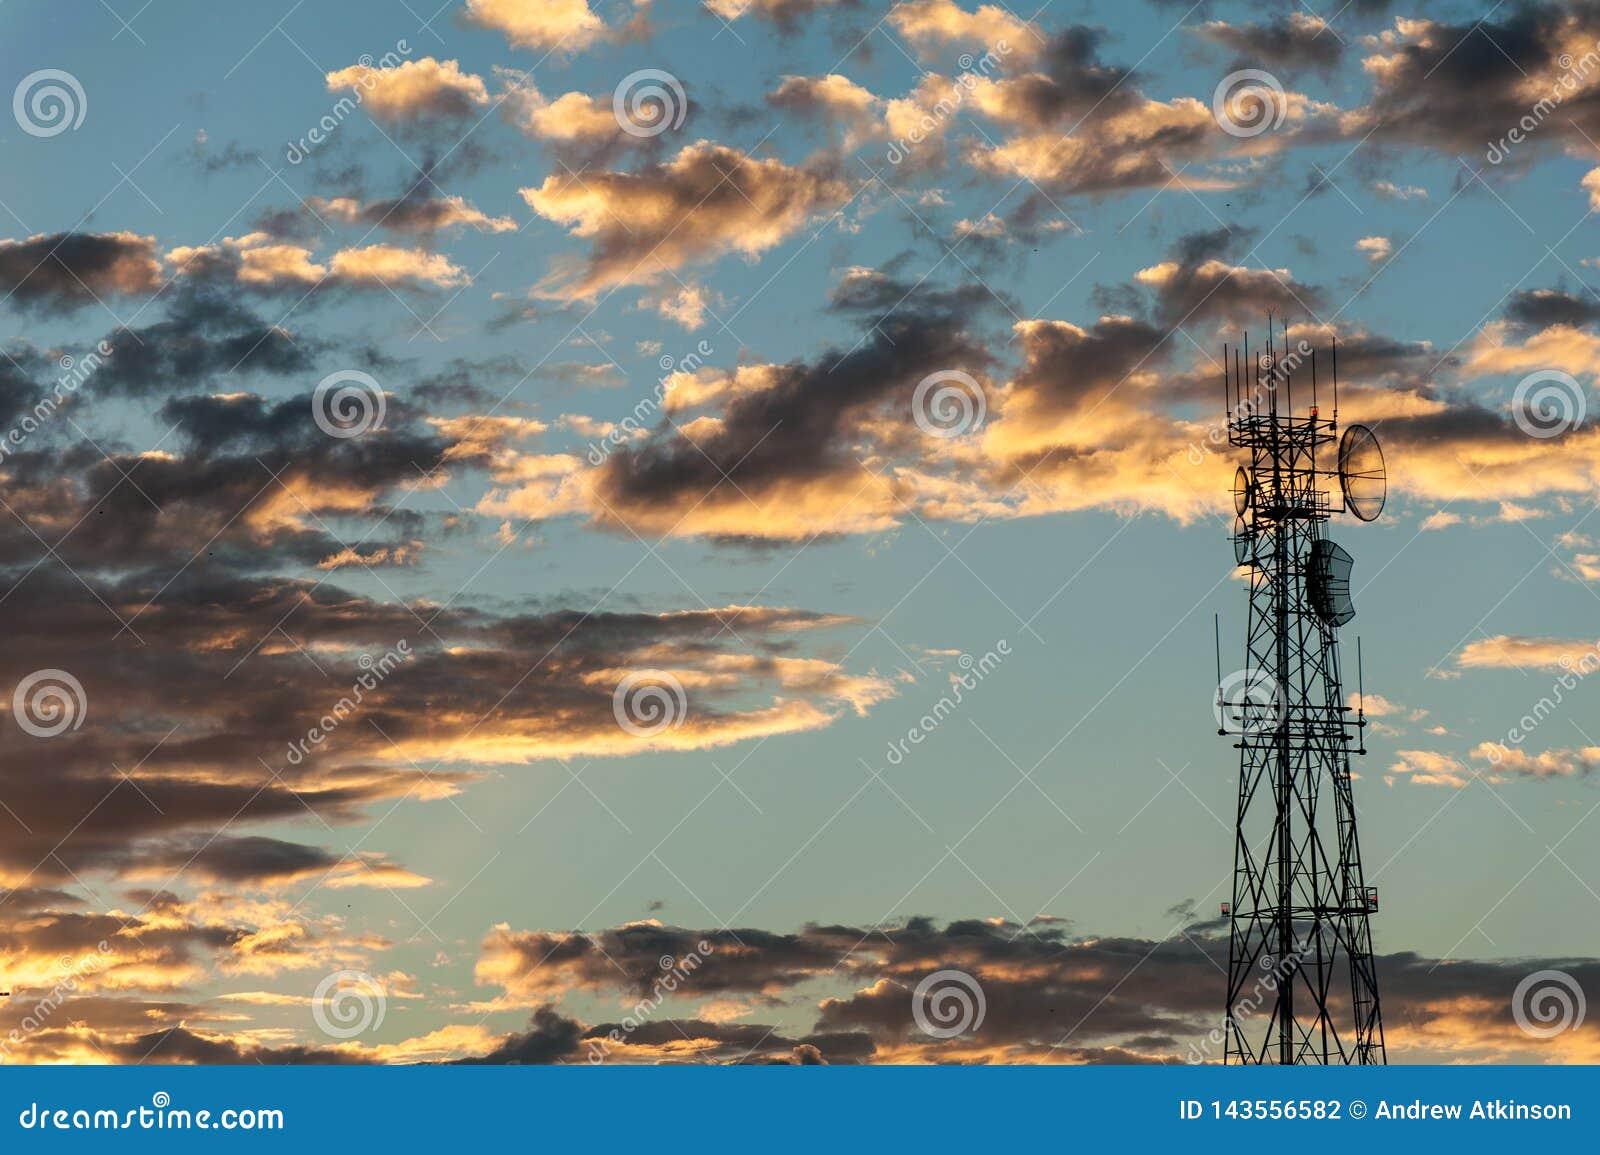 Ανατολή πίσω από έναν πύργο επικοινωνιών για τη ραδιο και τηλεοπτική αναμετάδοση